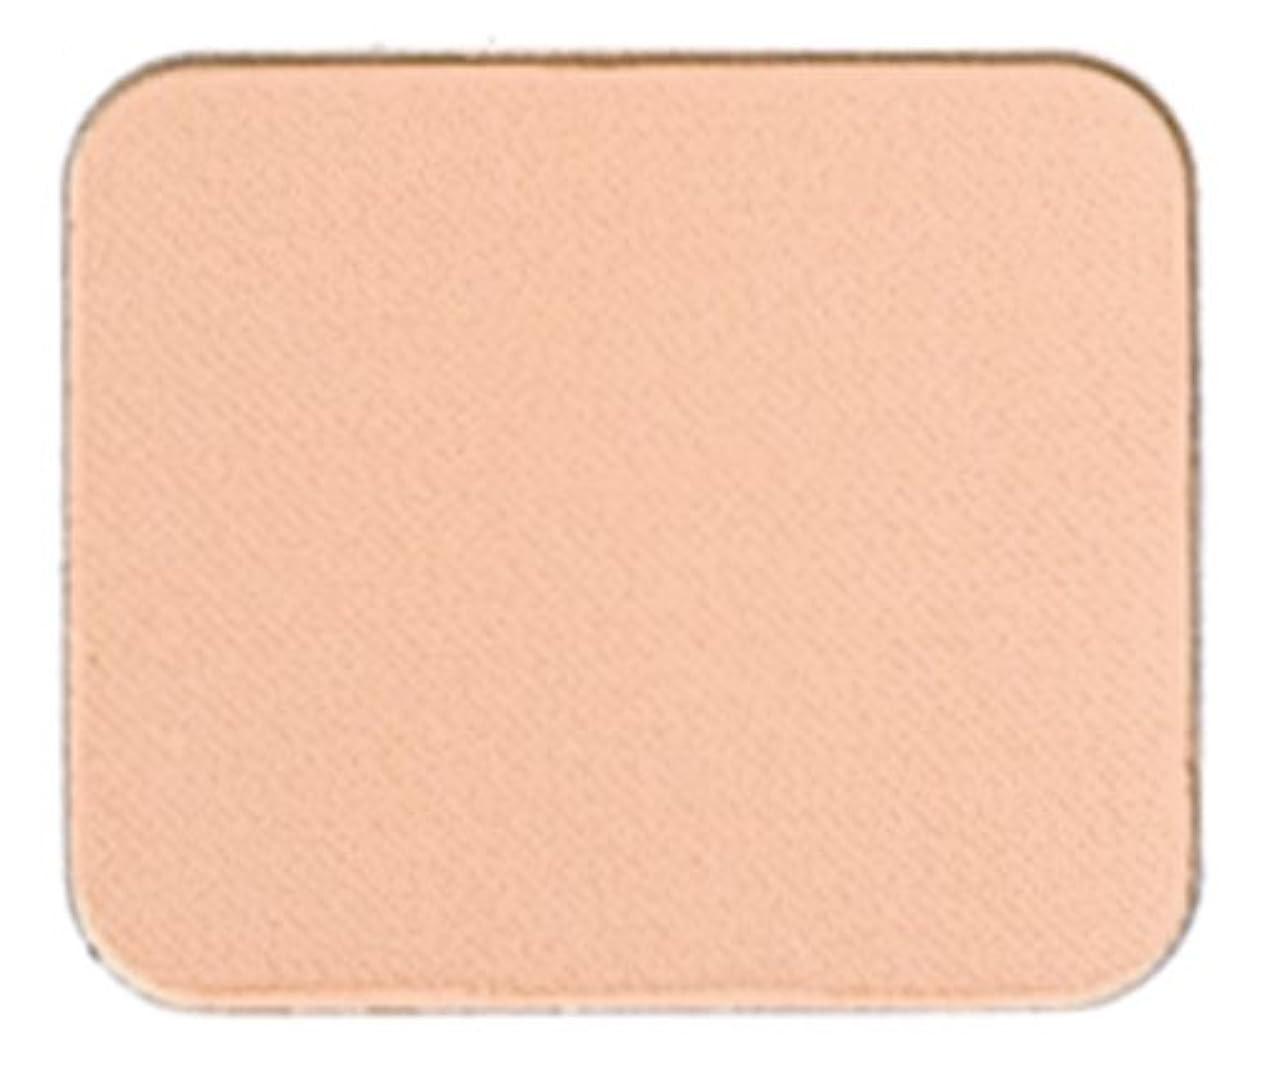 ドクターシーラボ BBパーフェクト ファンデーション WHITE377プラス レフィル ナチュラル2 (平均的な肌色) 12g SPF25 PA++